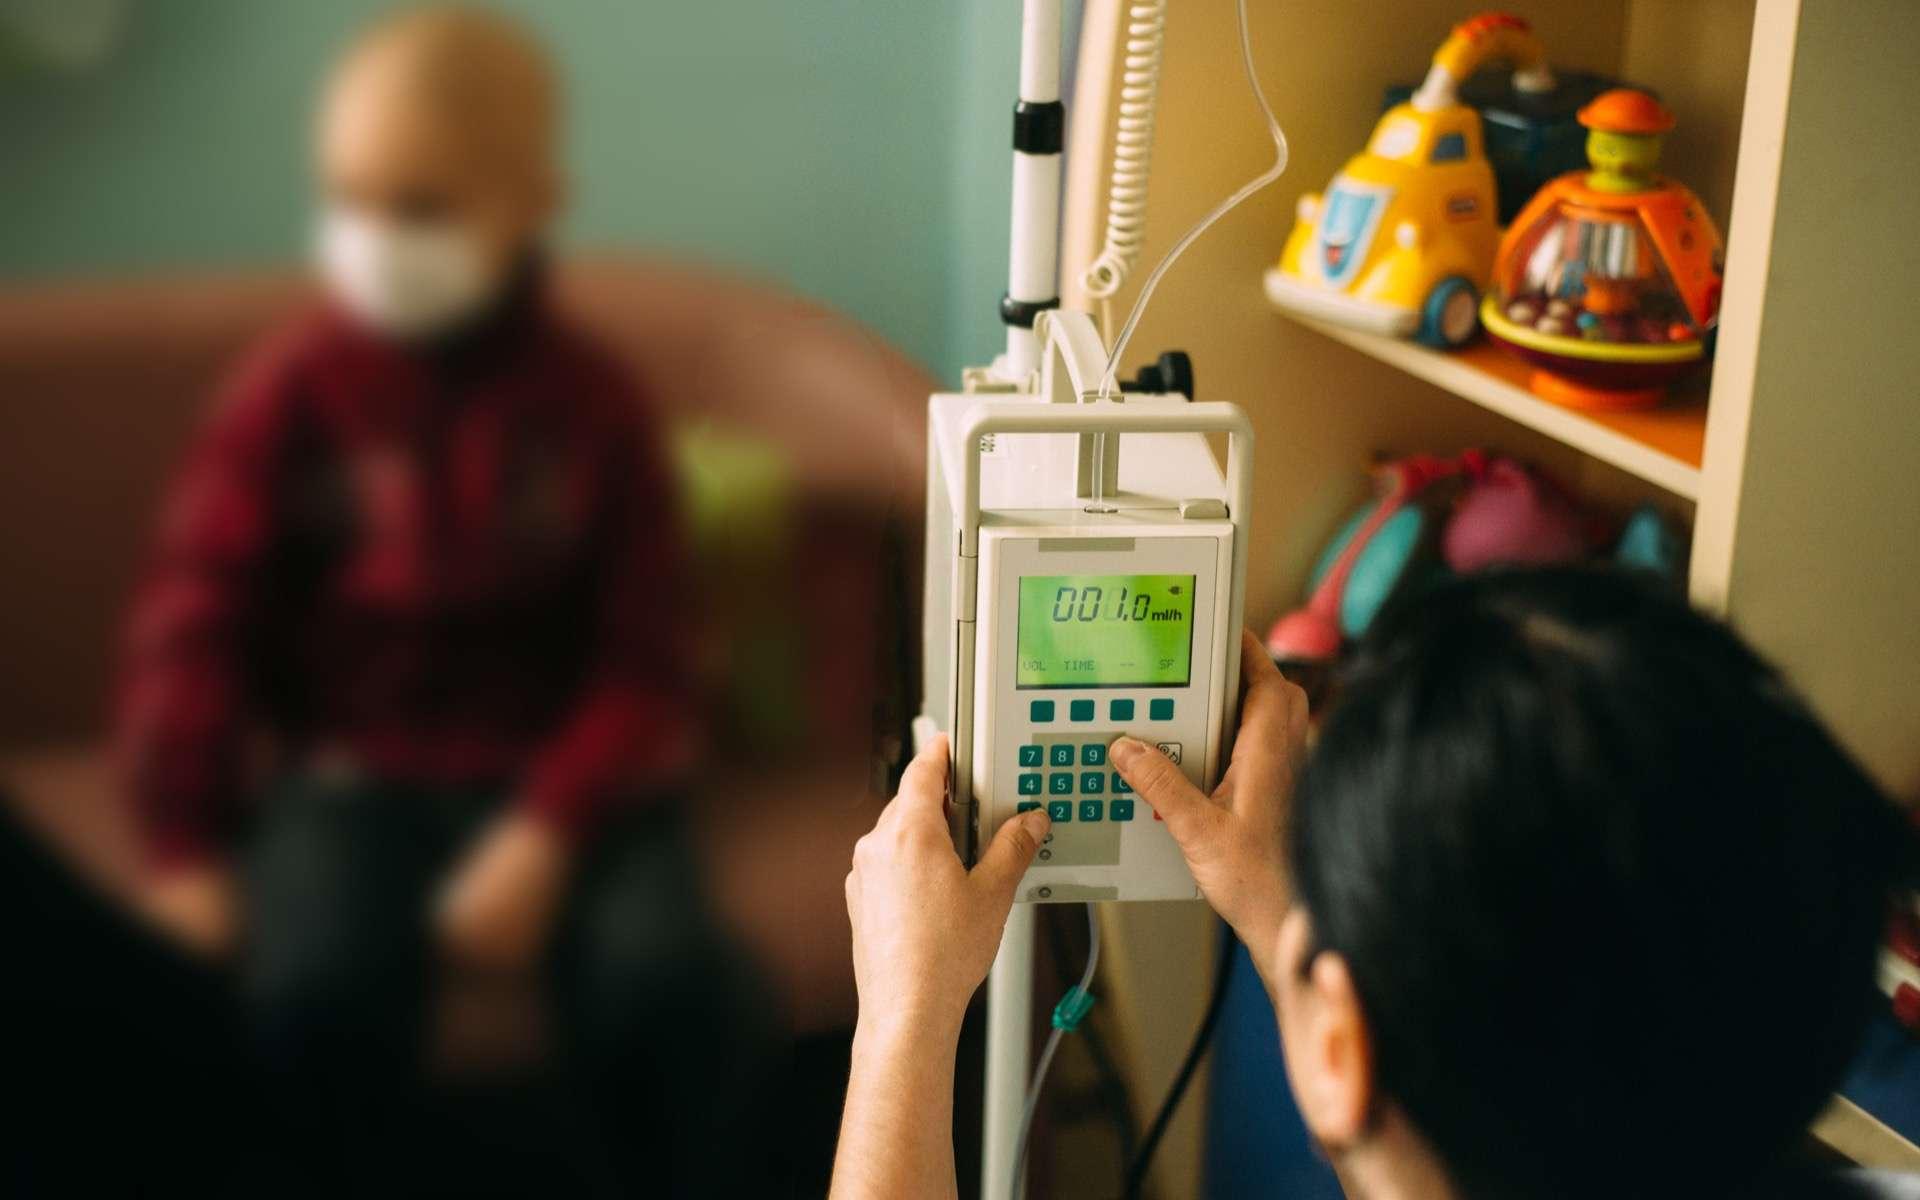 L'impact de la pandémie de Covid-19 sur les soins des cancers des enfants. © Alexandra Vishneva (Александра Вишнева), Adobe Stock